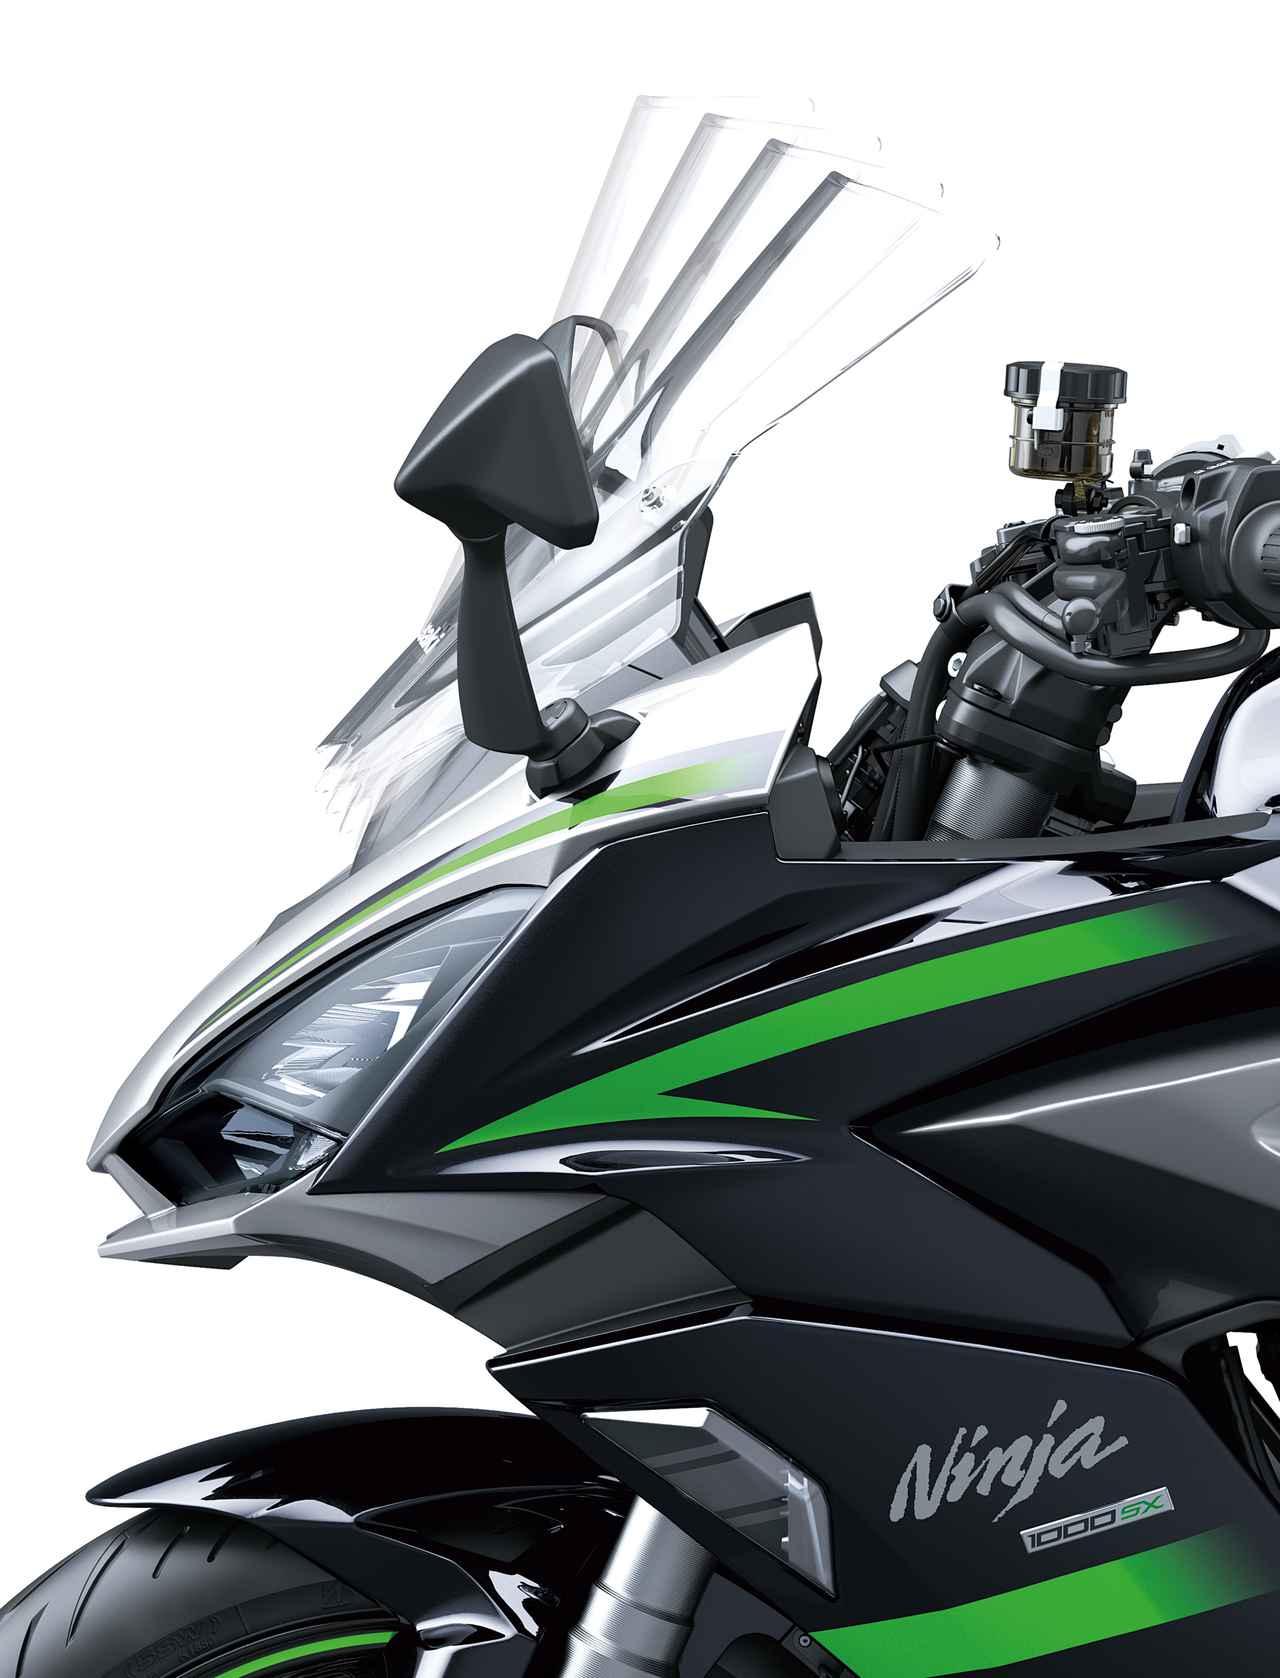 Images : 14番目の画像 - Ninja 1000SX(2020)の写真をまとめて見る - webオートバイ